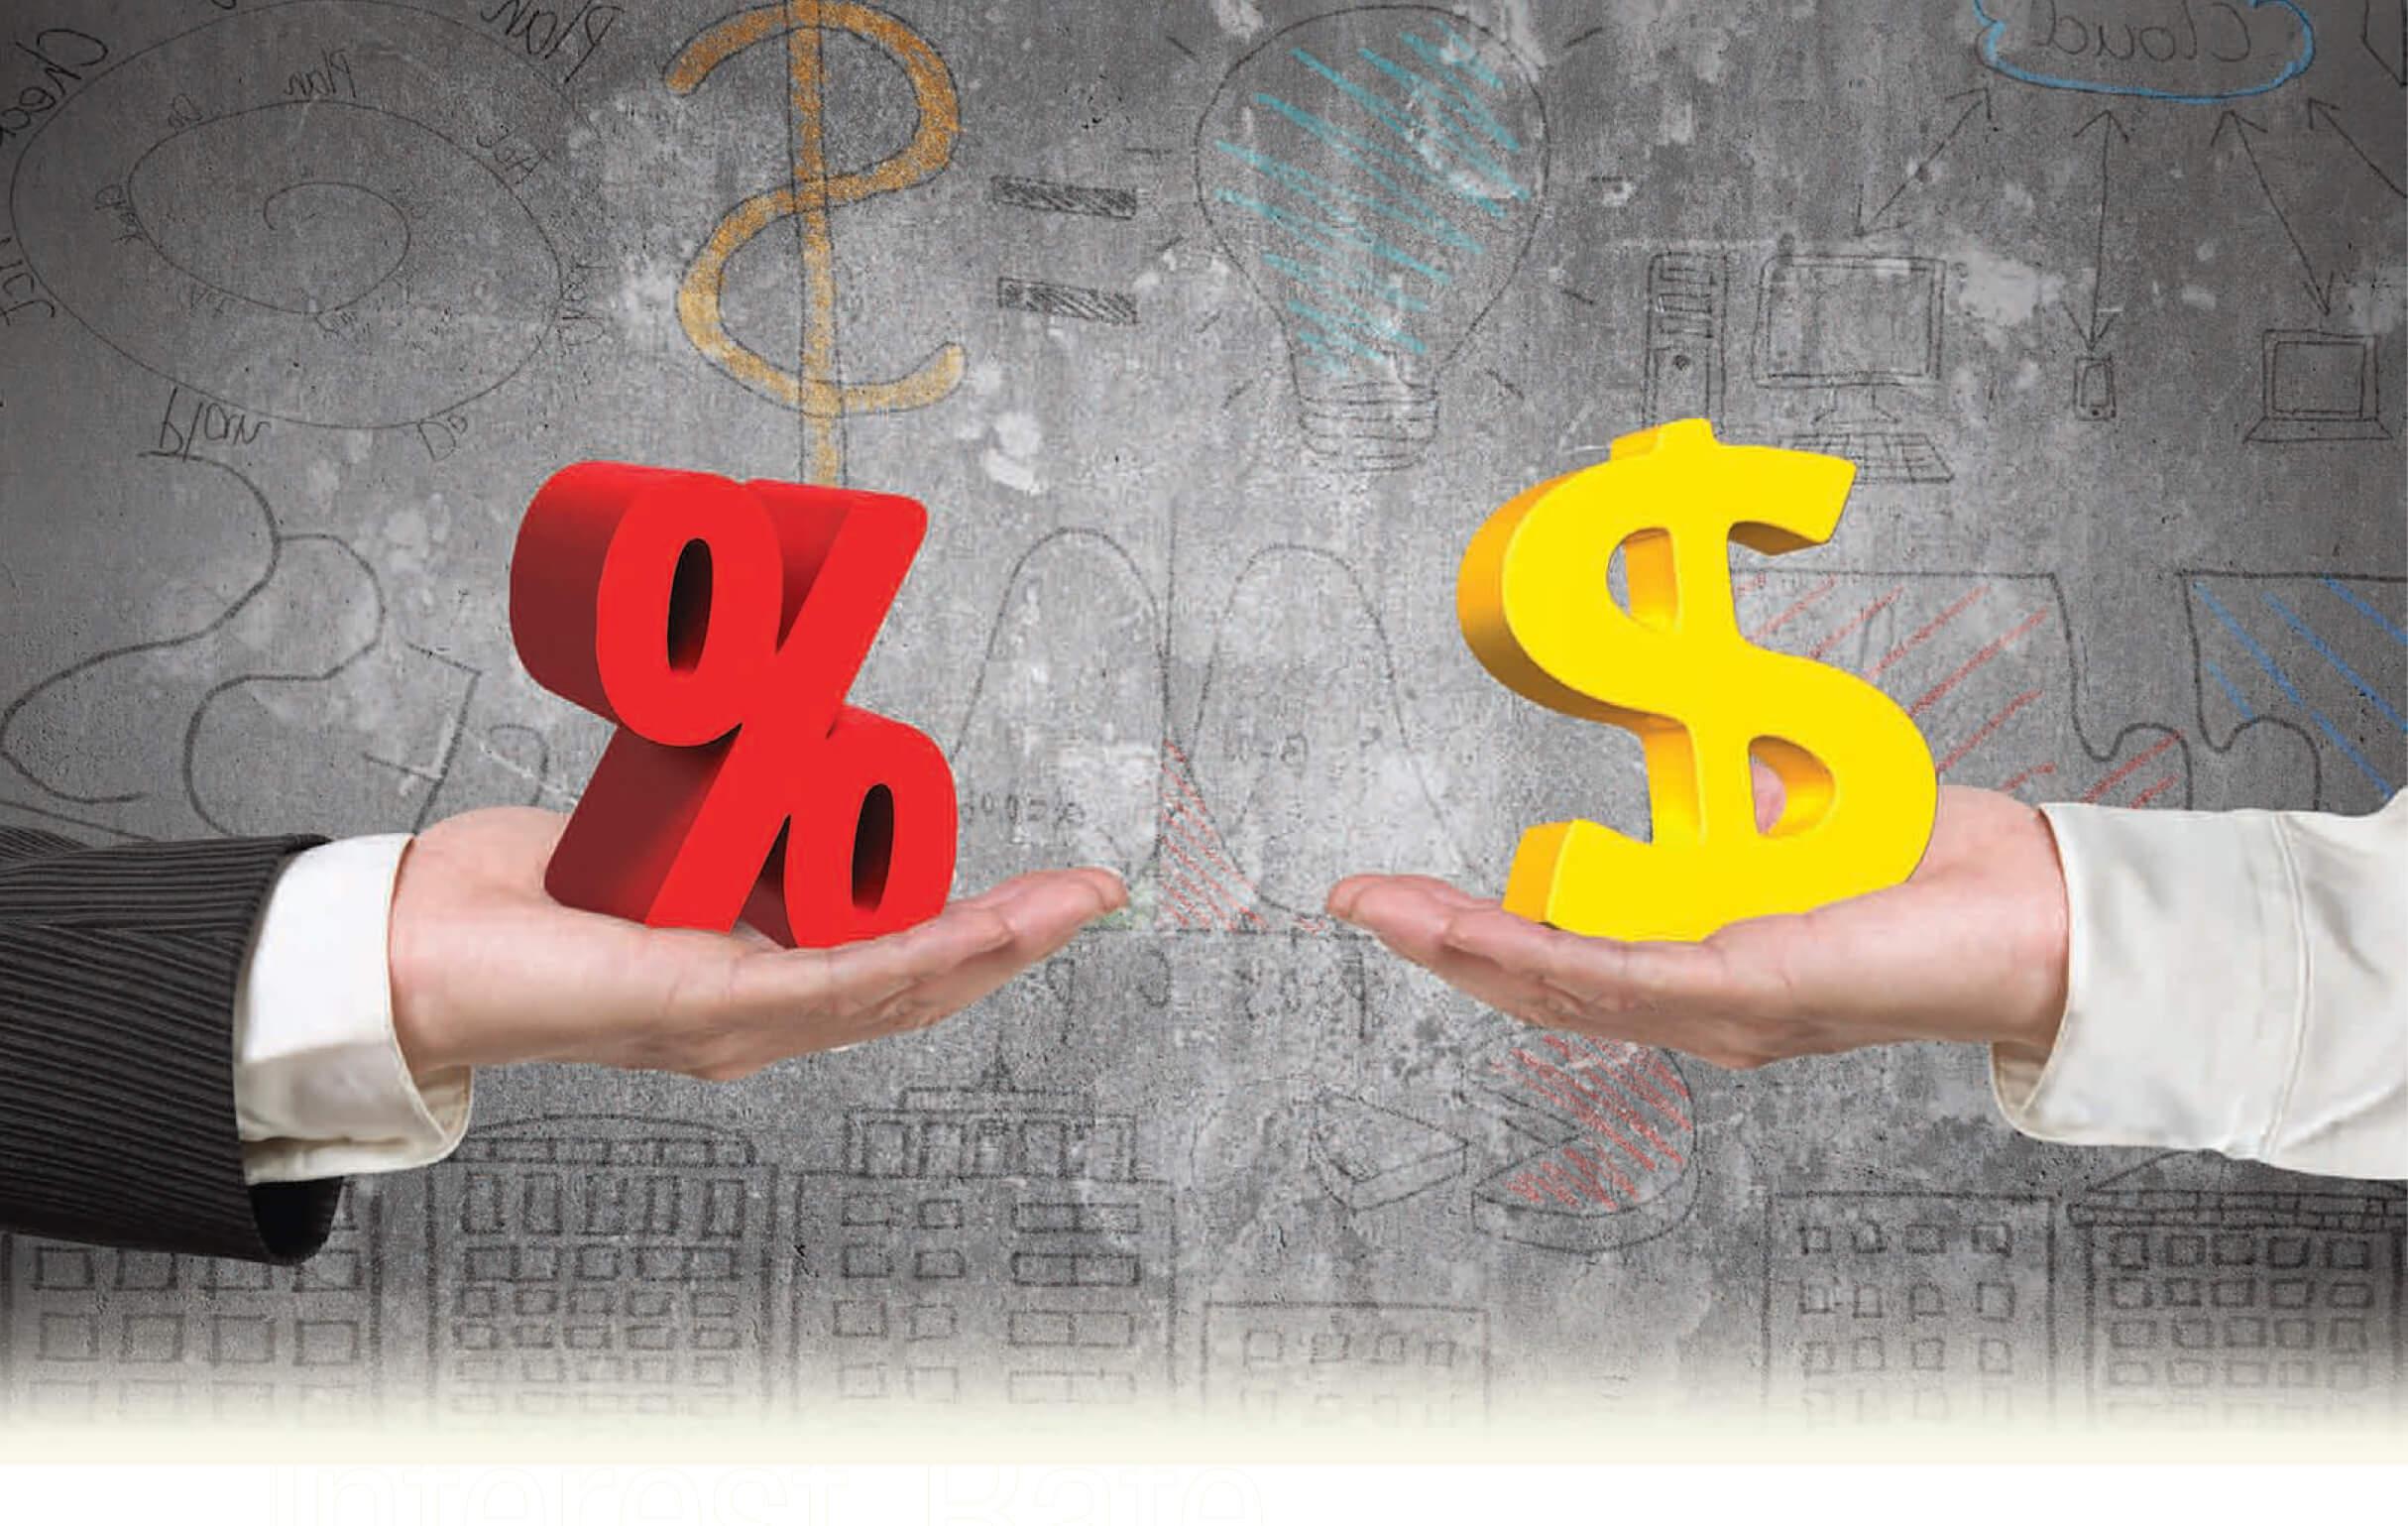 Bồi thường tỷ lệ thế chấp của bạn bằng bảo hiểm rủi ro tiền tệ ở Exness